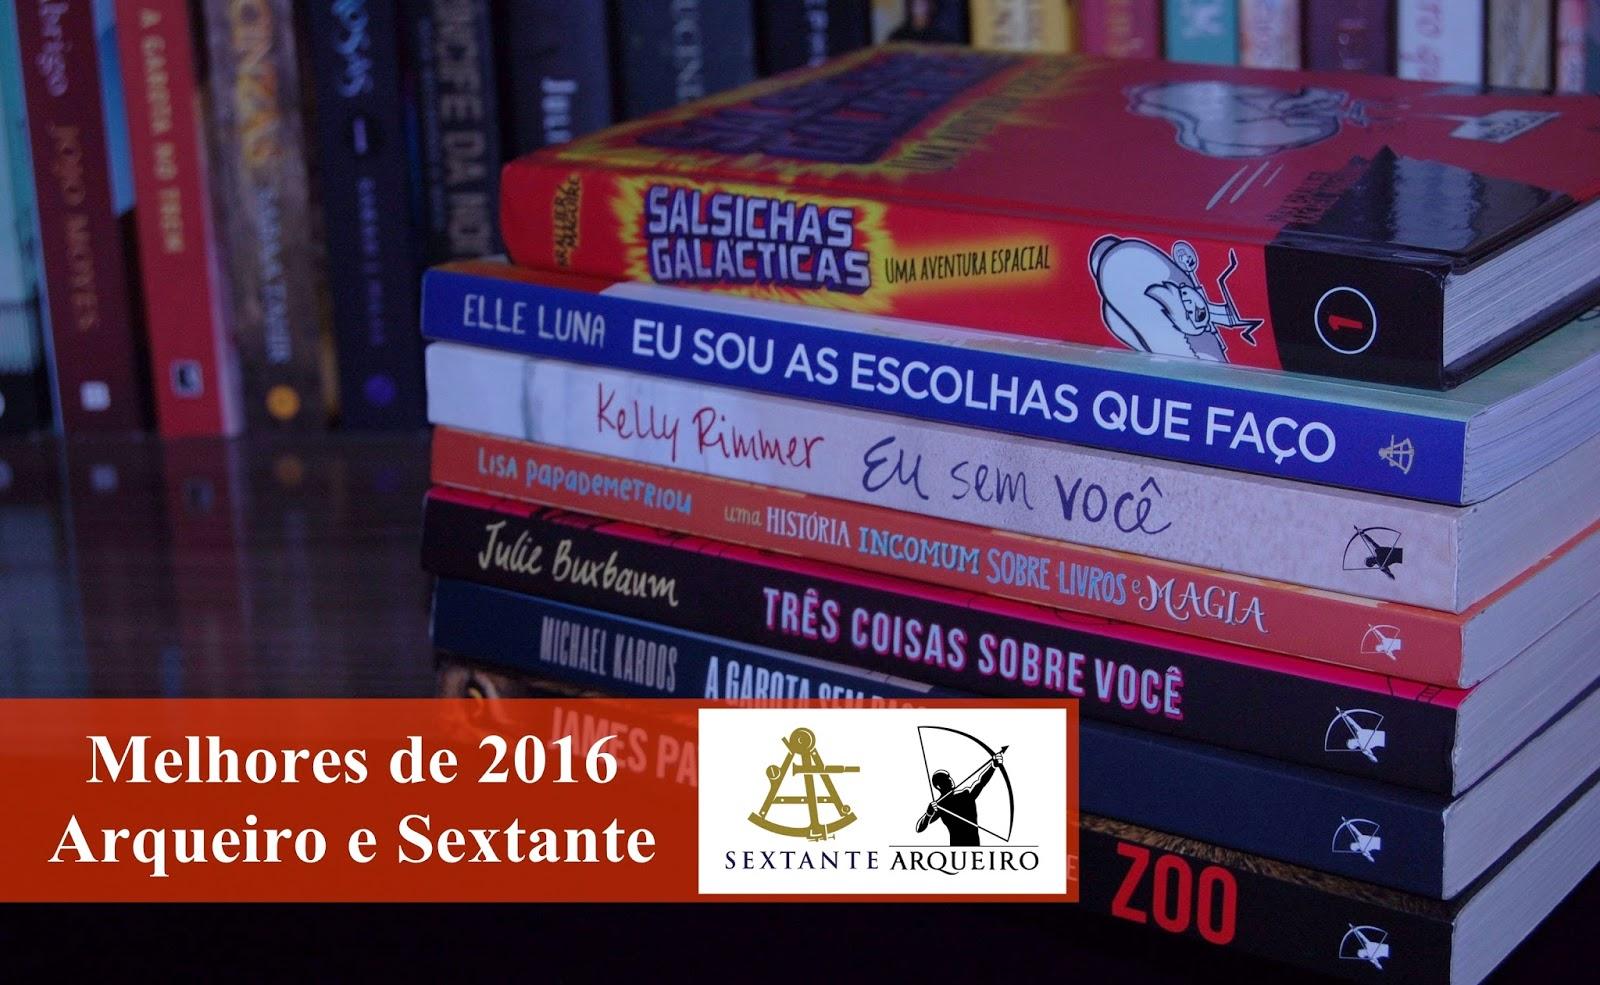 melhores livros da sextante